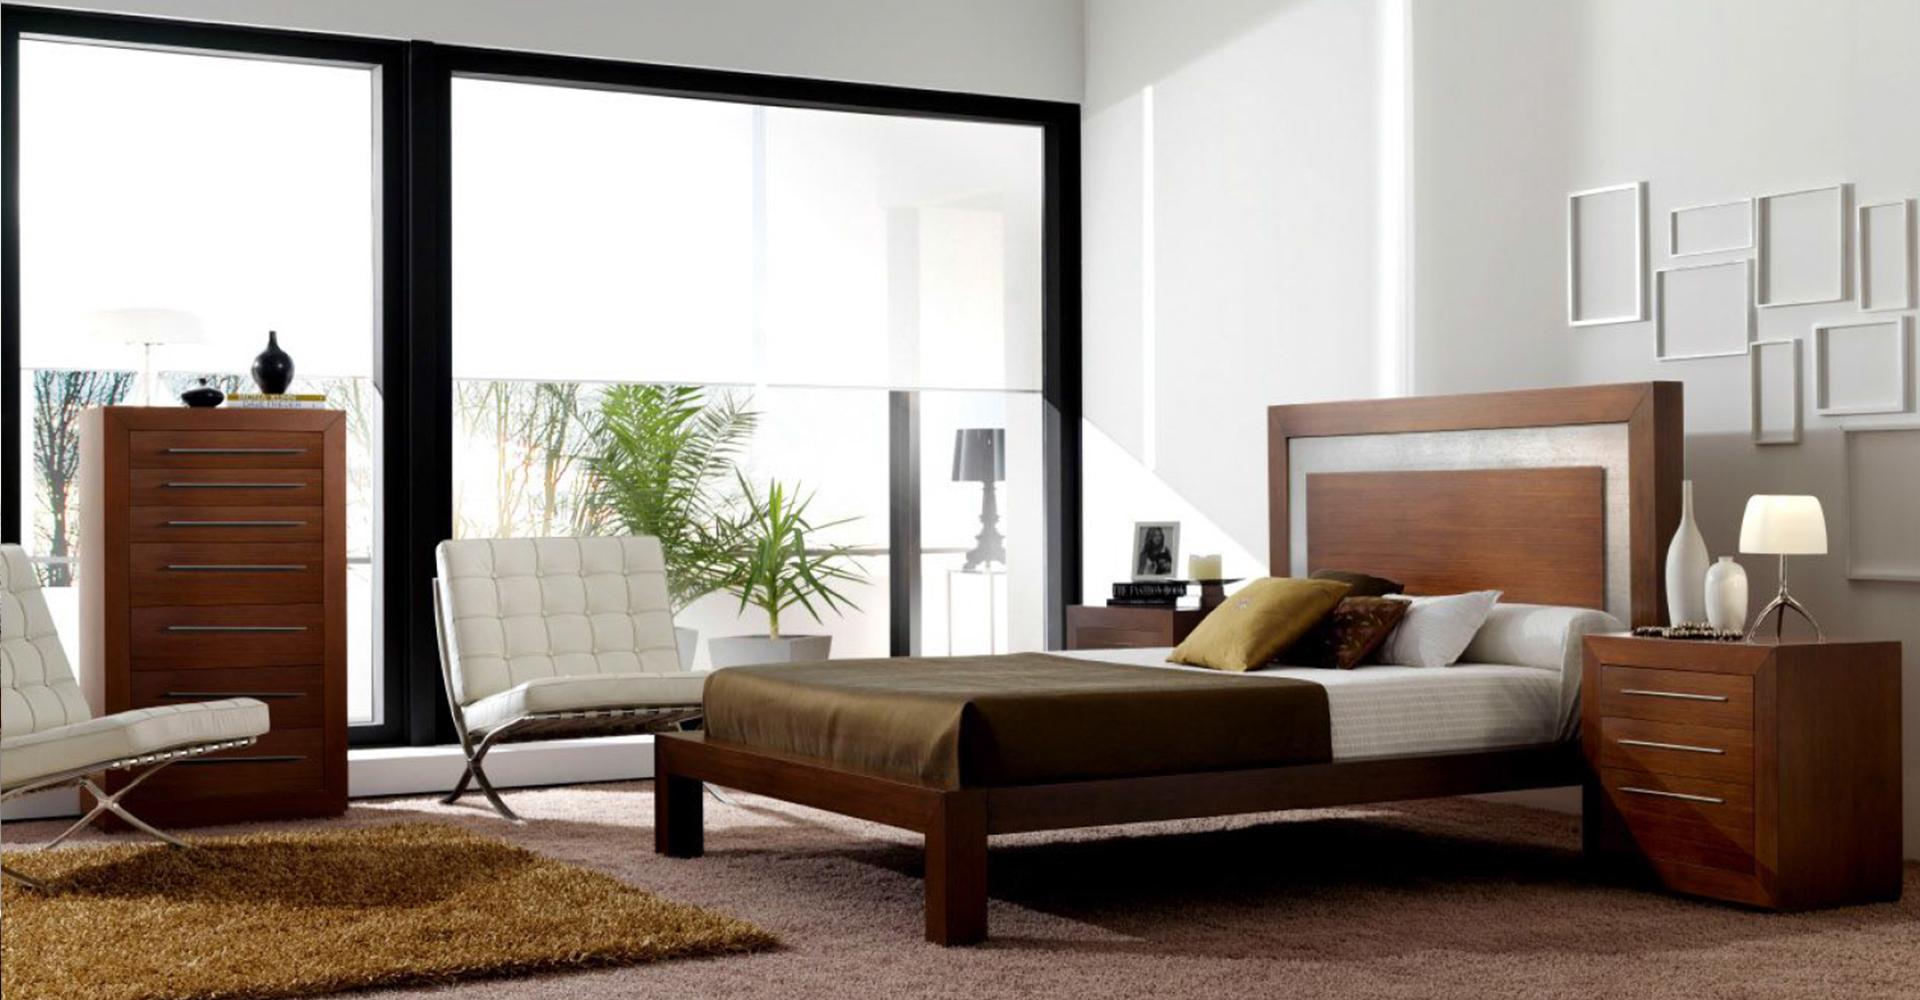 dormitorio de estilo contemporaneo (37)